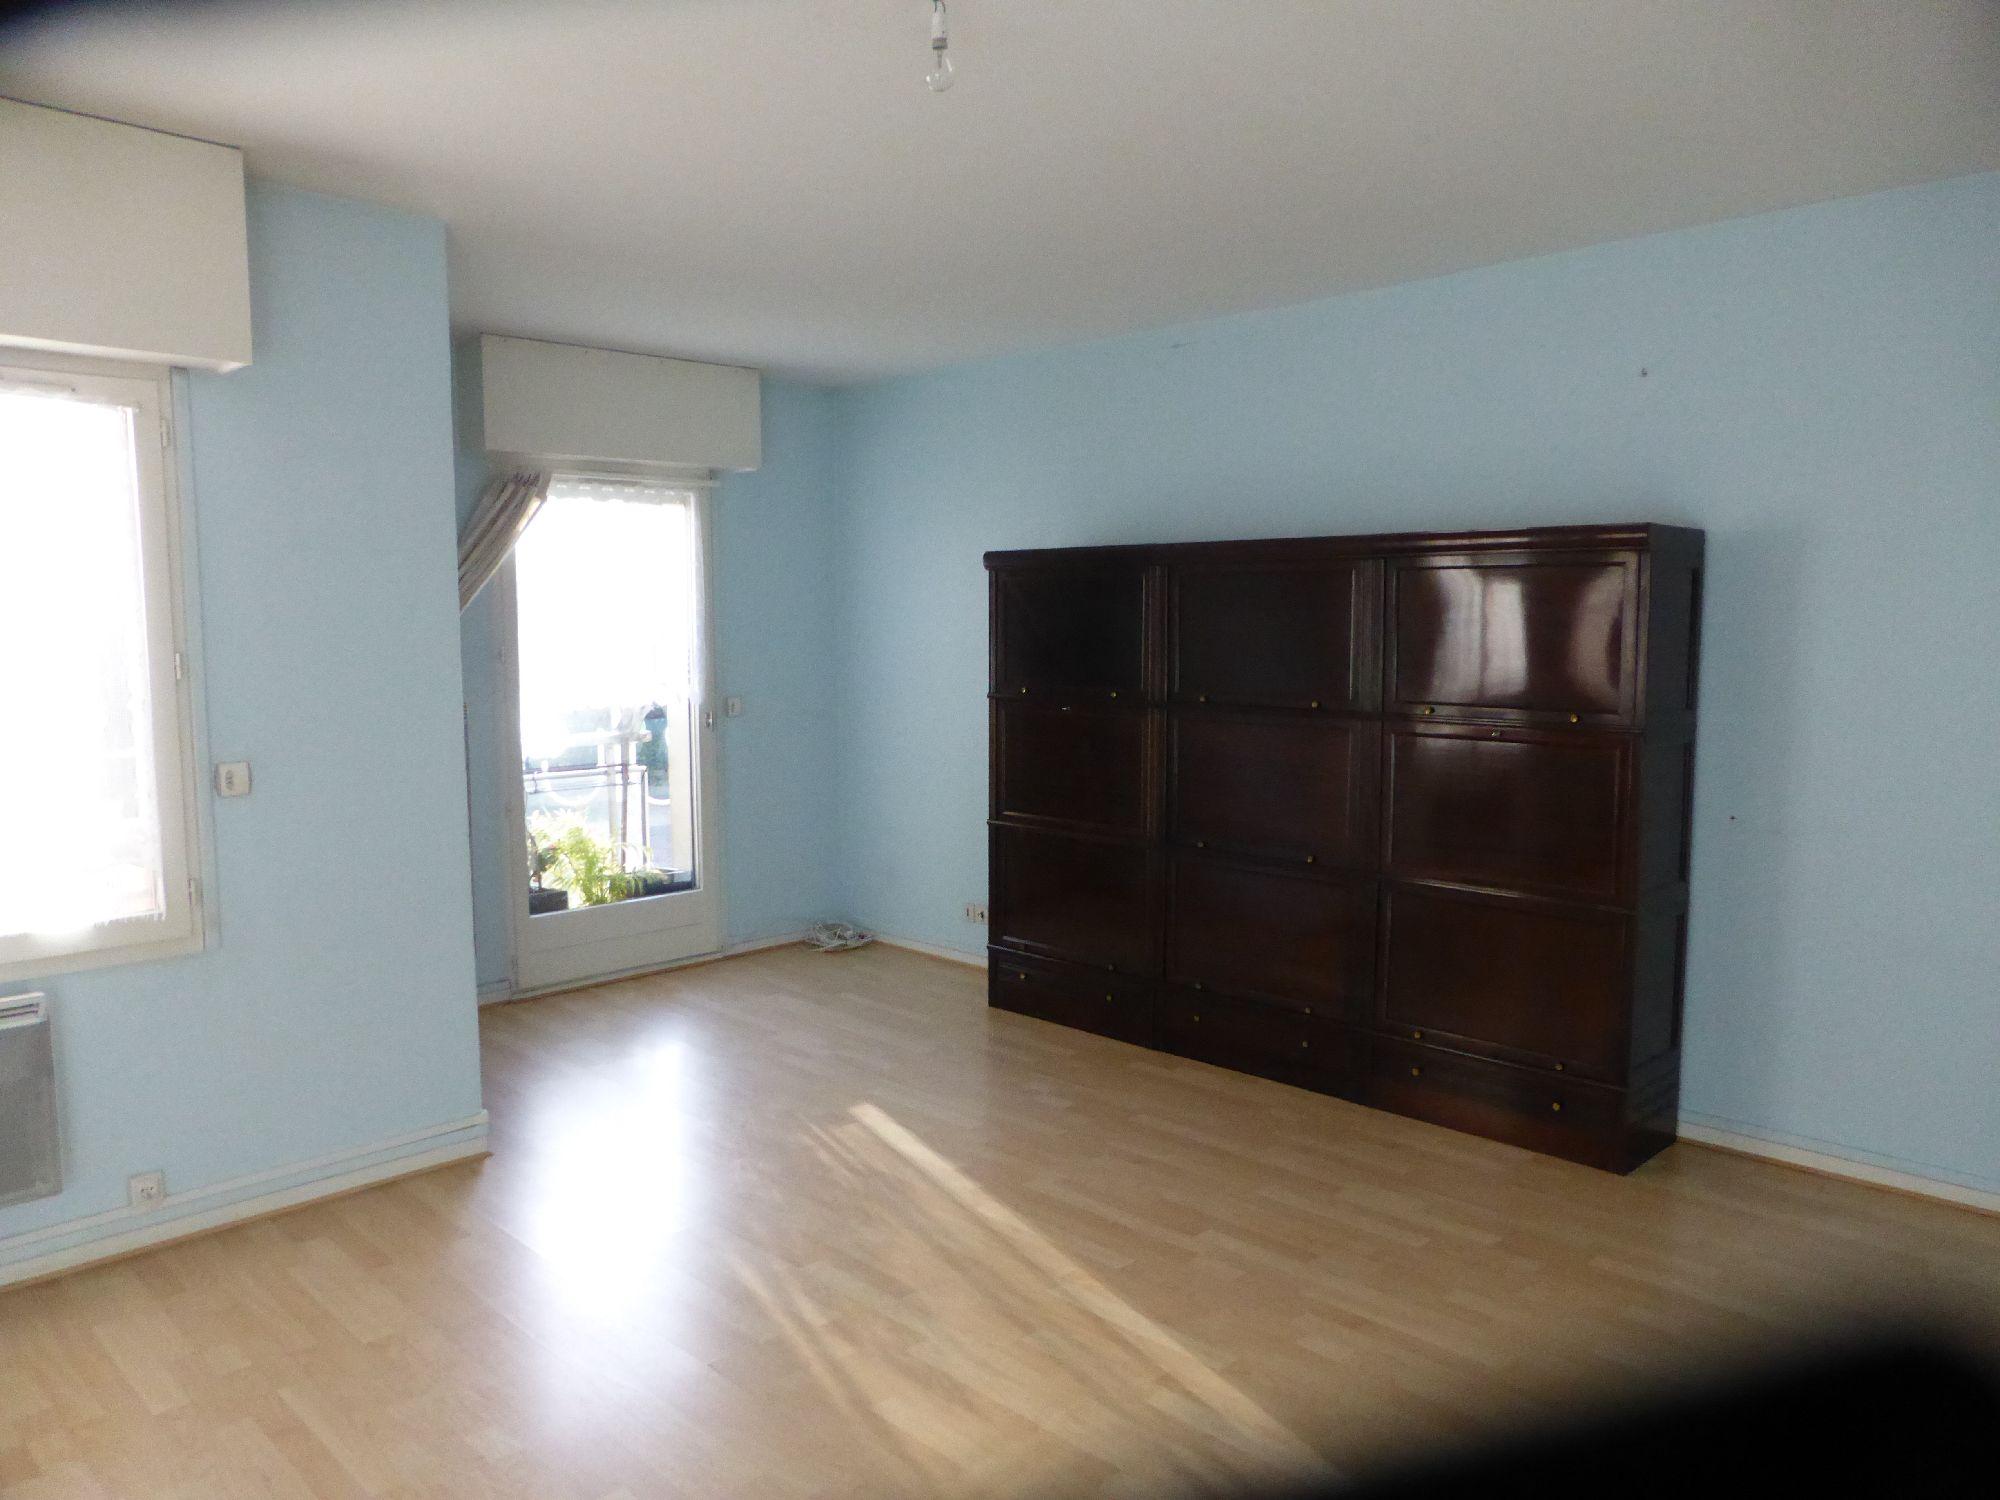 ANGERS Centre ville Résidence Services, Appartement de 39 m² habitables au calme, côté...